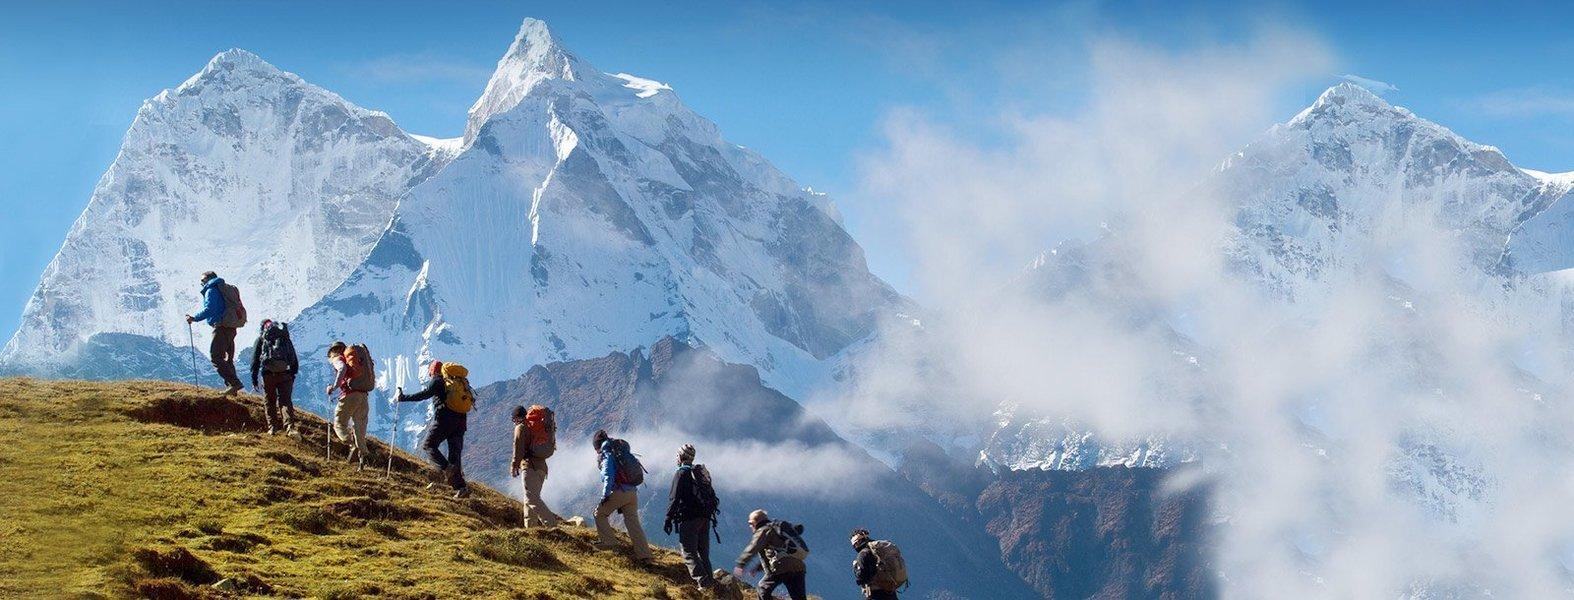 Indrahar Pass Trek - Tour